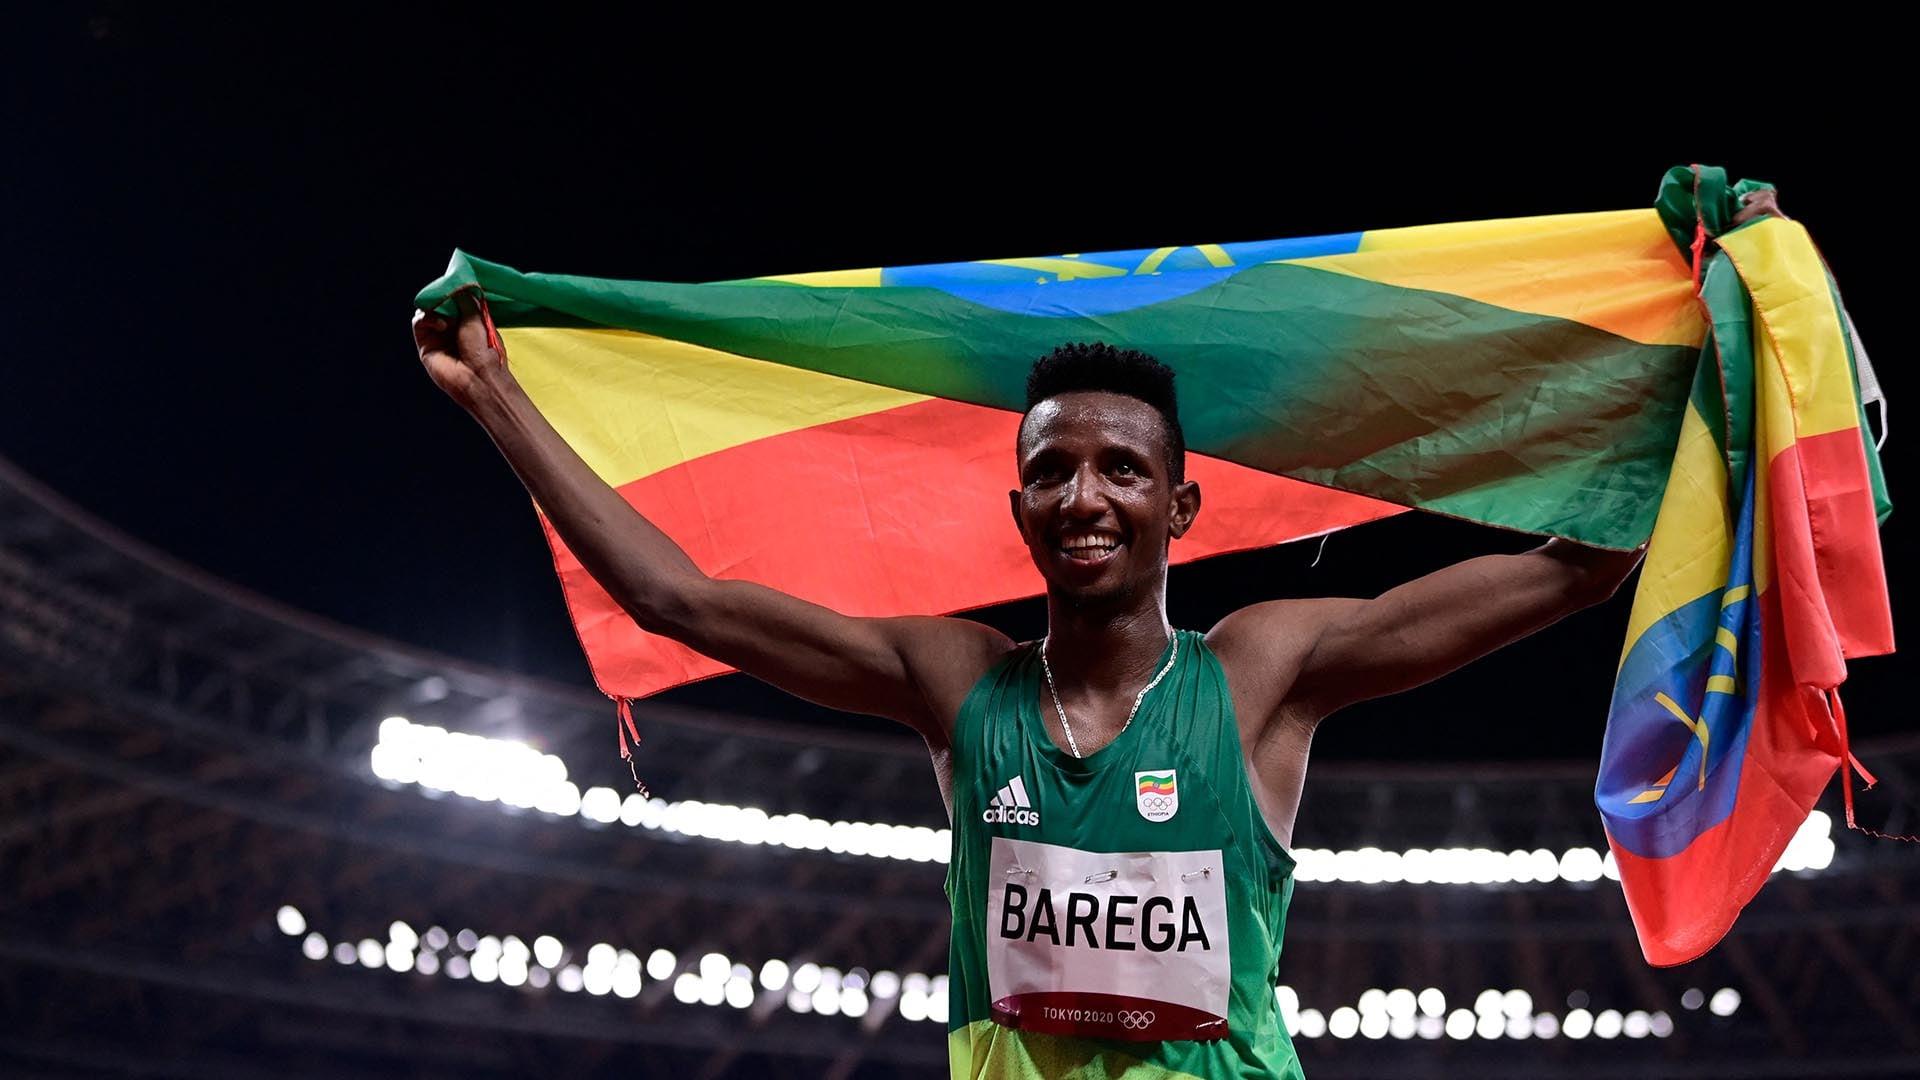 Ethiopia lauds Barega's stunning 10,000m win - WRCBtv.com